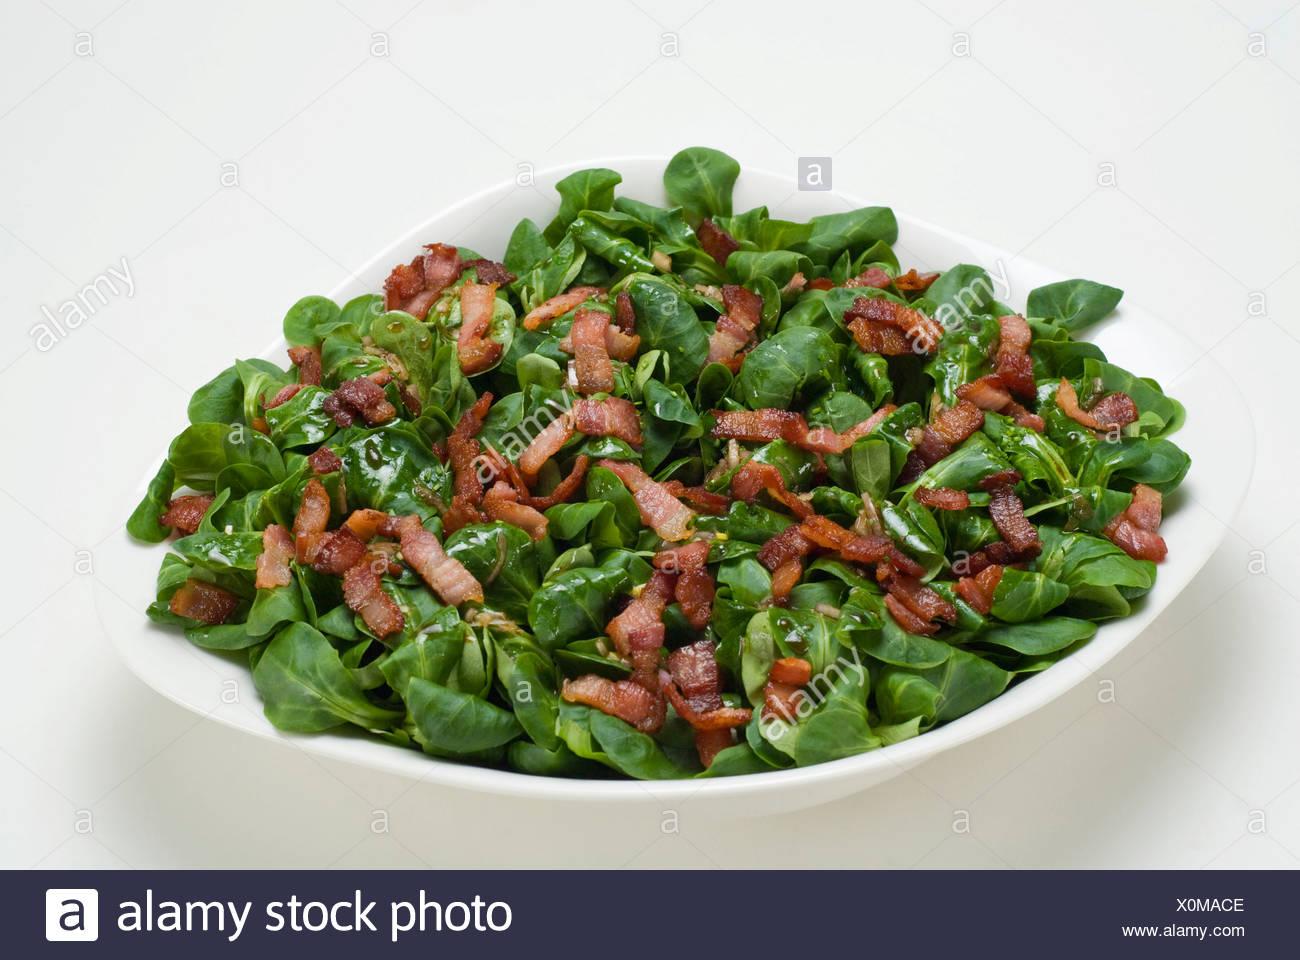 Field salad (Valerianella locusta) with roasted bacon strips Stock Photo